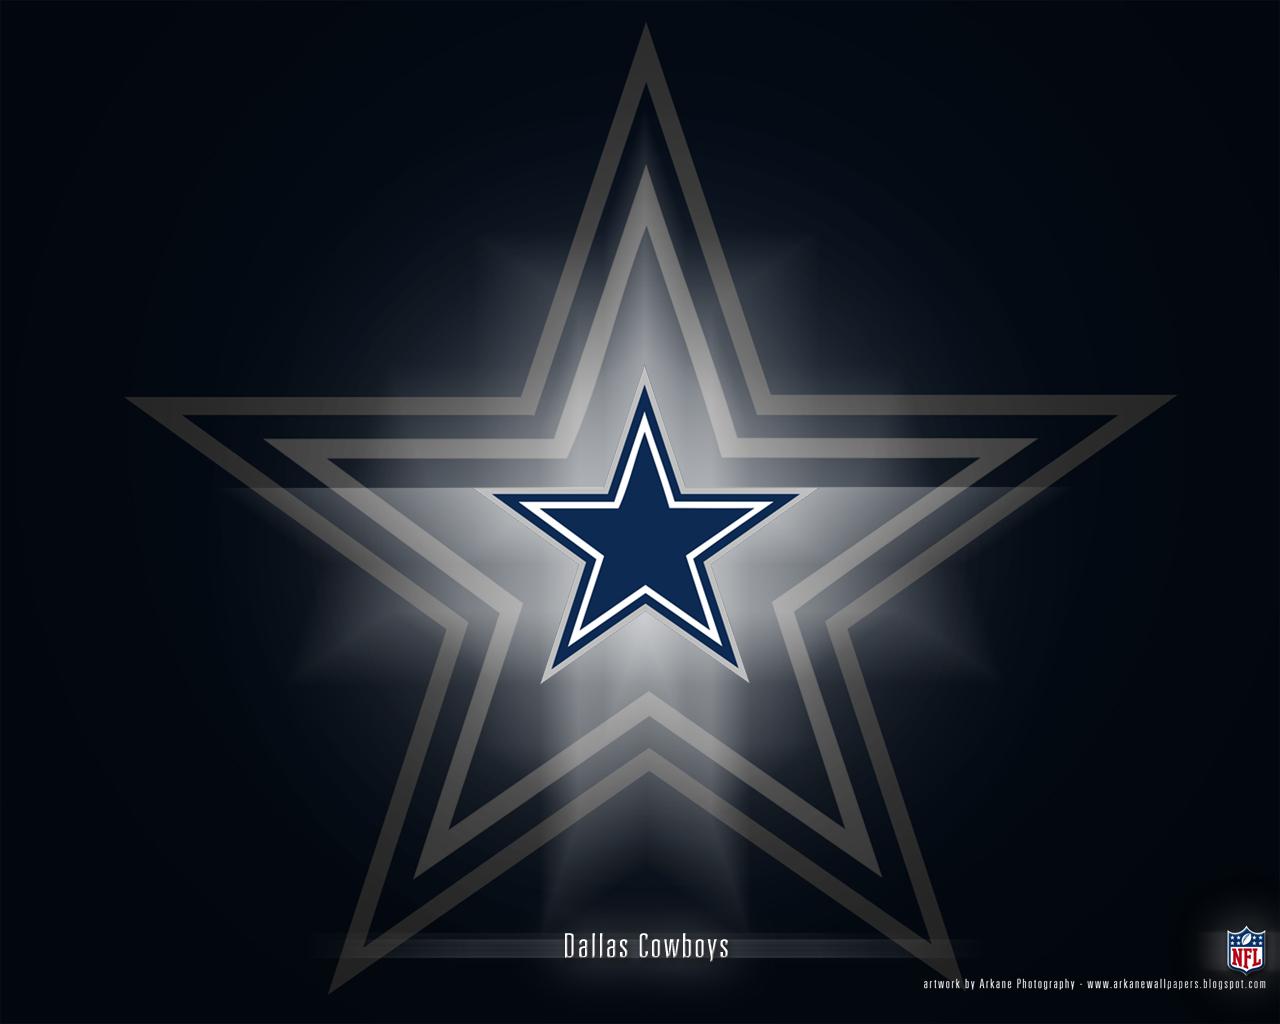 Arkane Nfl Wallpapers Dallas Cowboys Vol 1